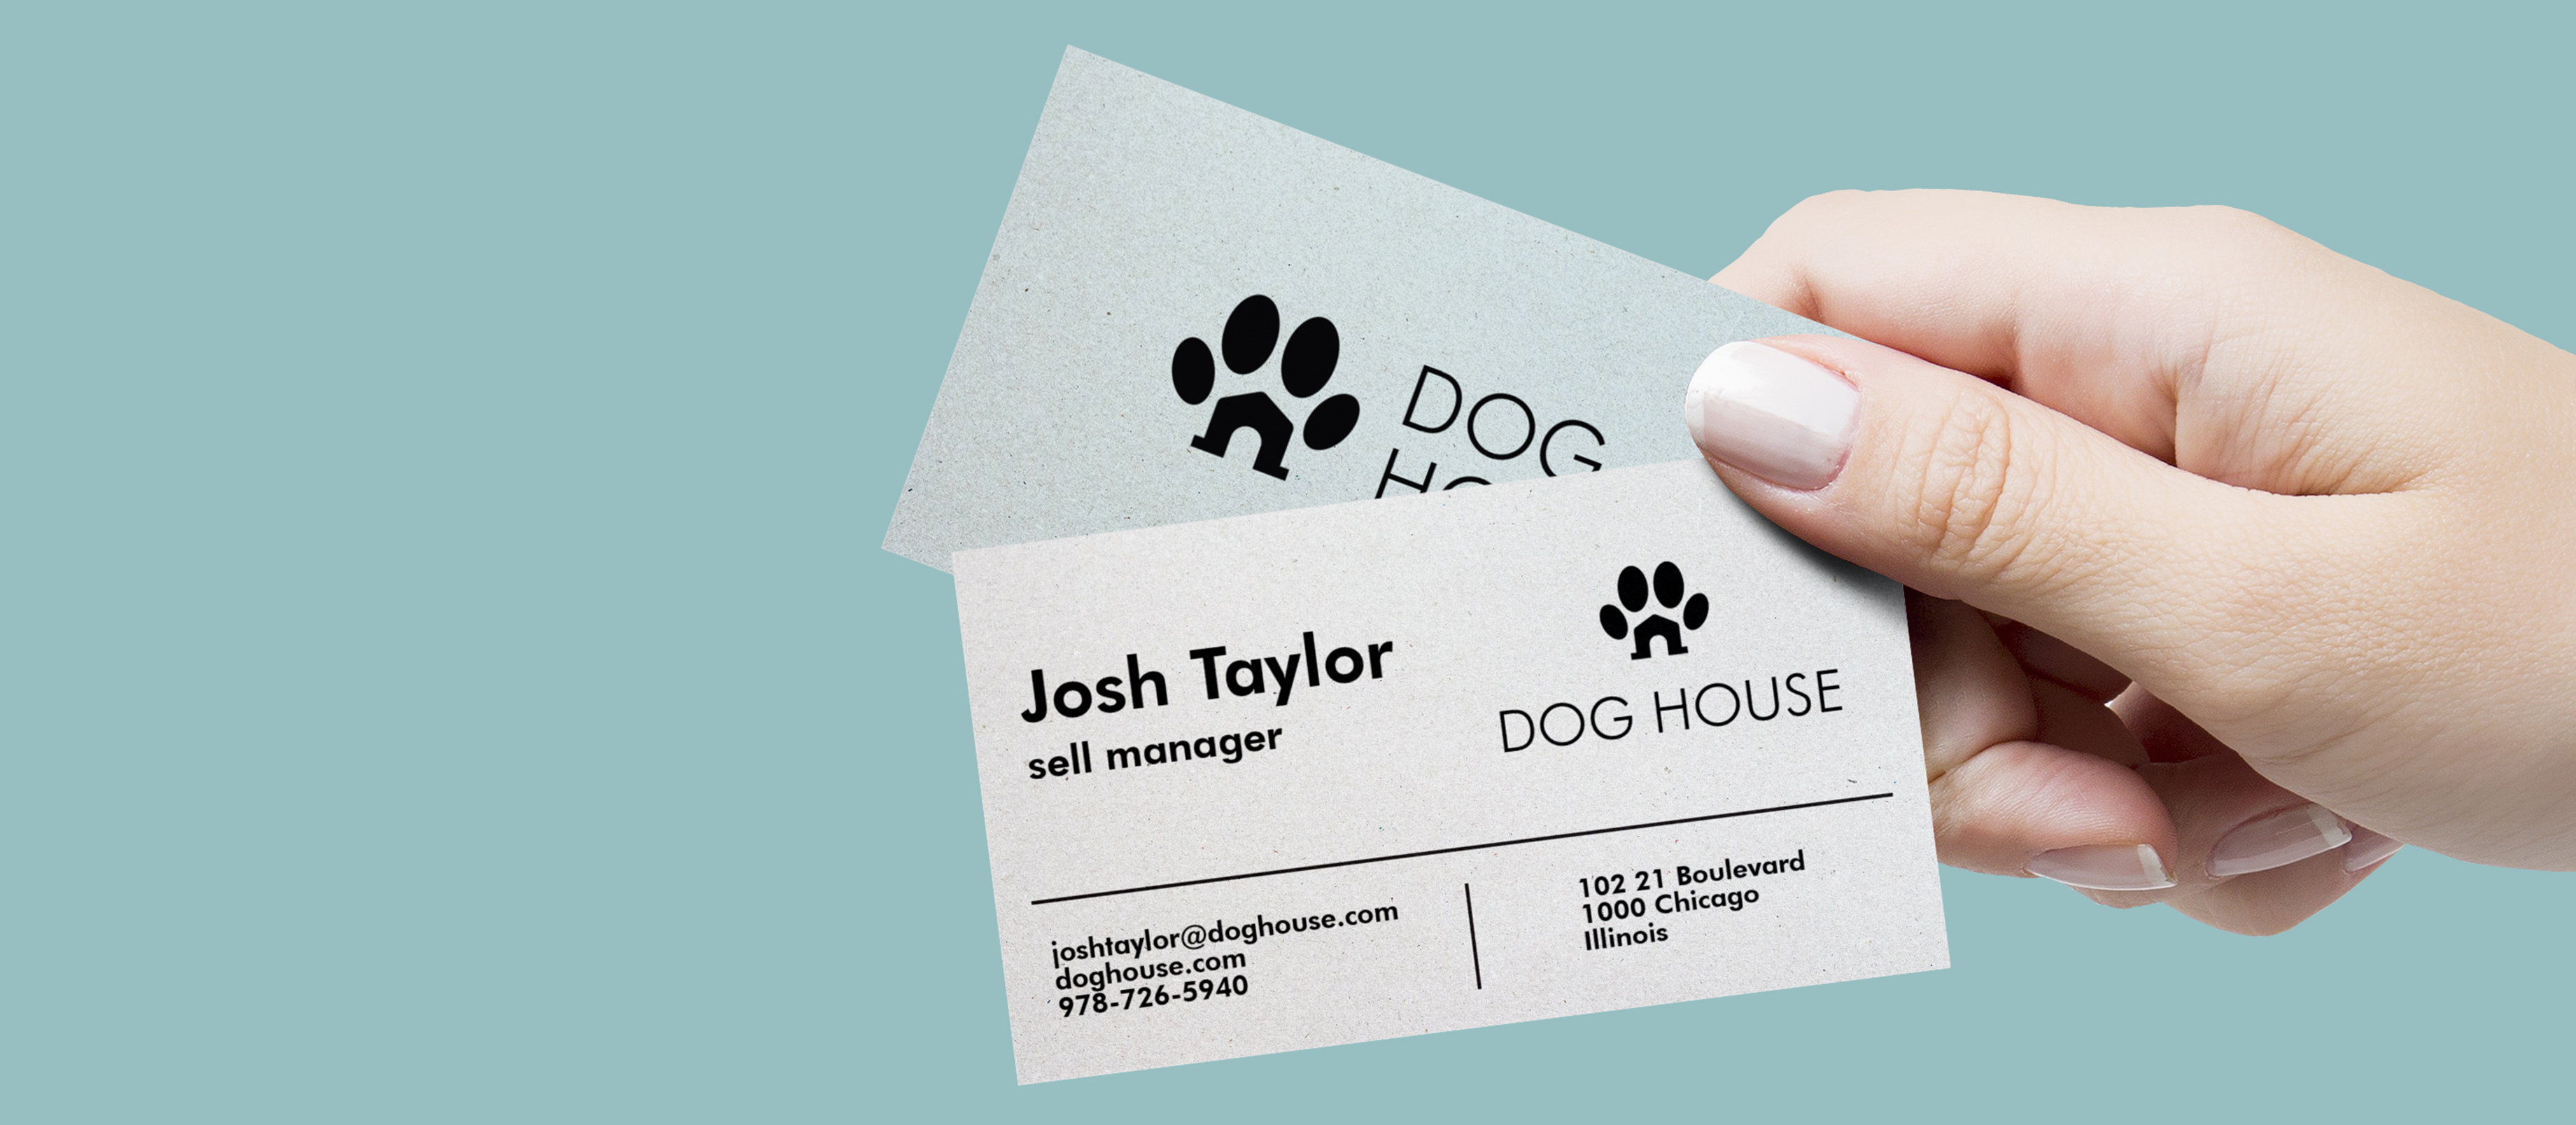 business cards design  https://www.andonov-design.com/